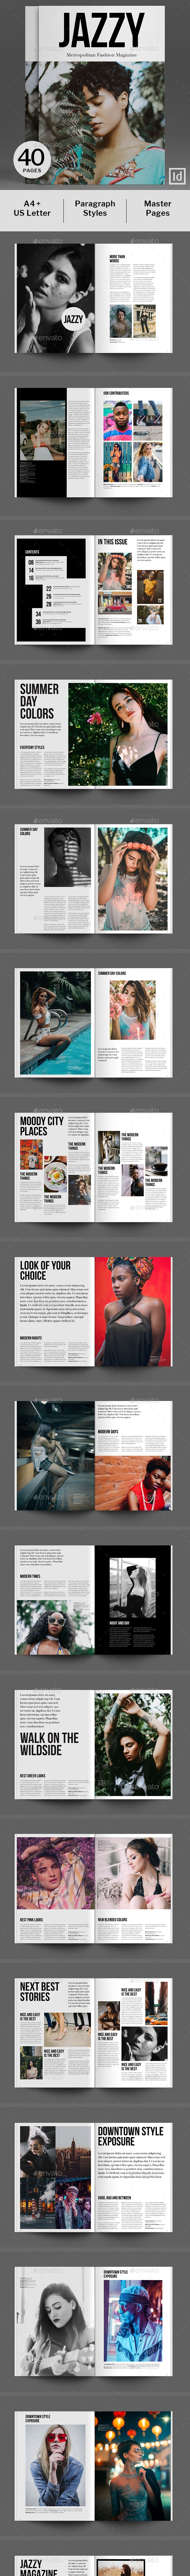 Jazzy – Metropolitan Fashion Magazine - Magazines Print Templates